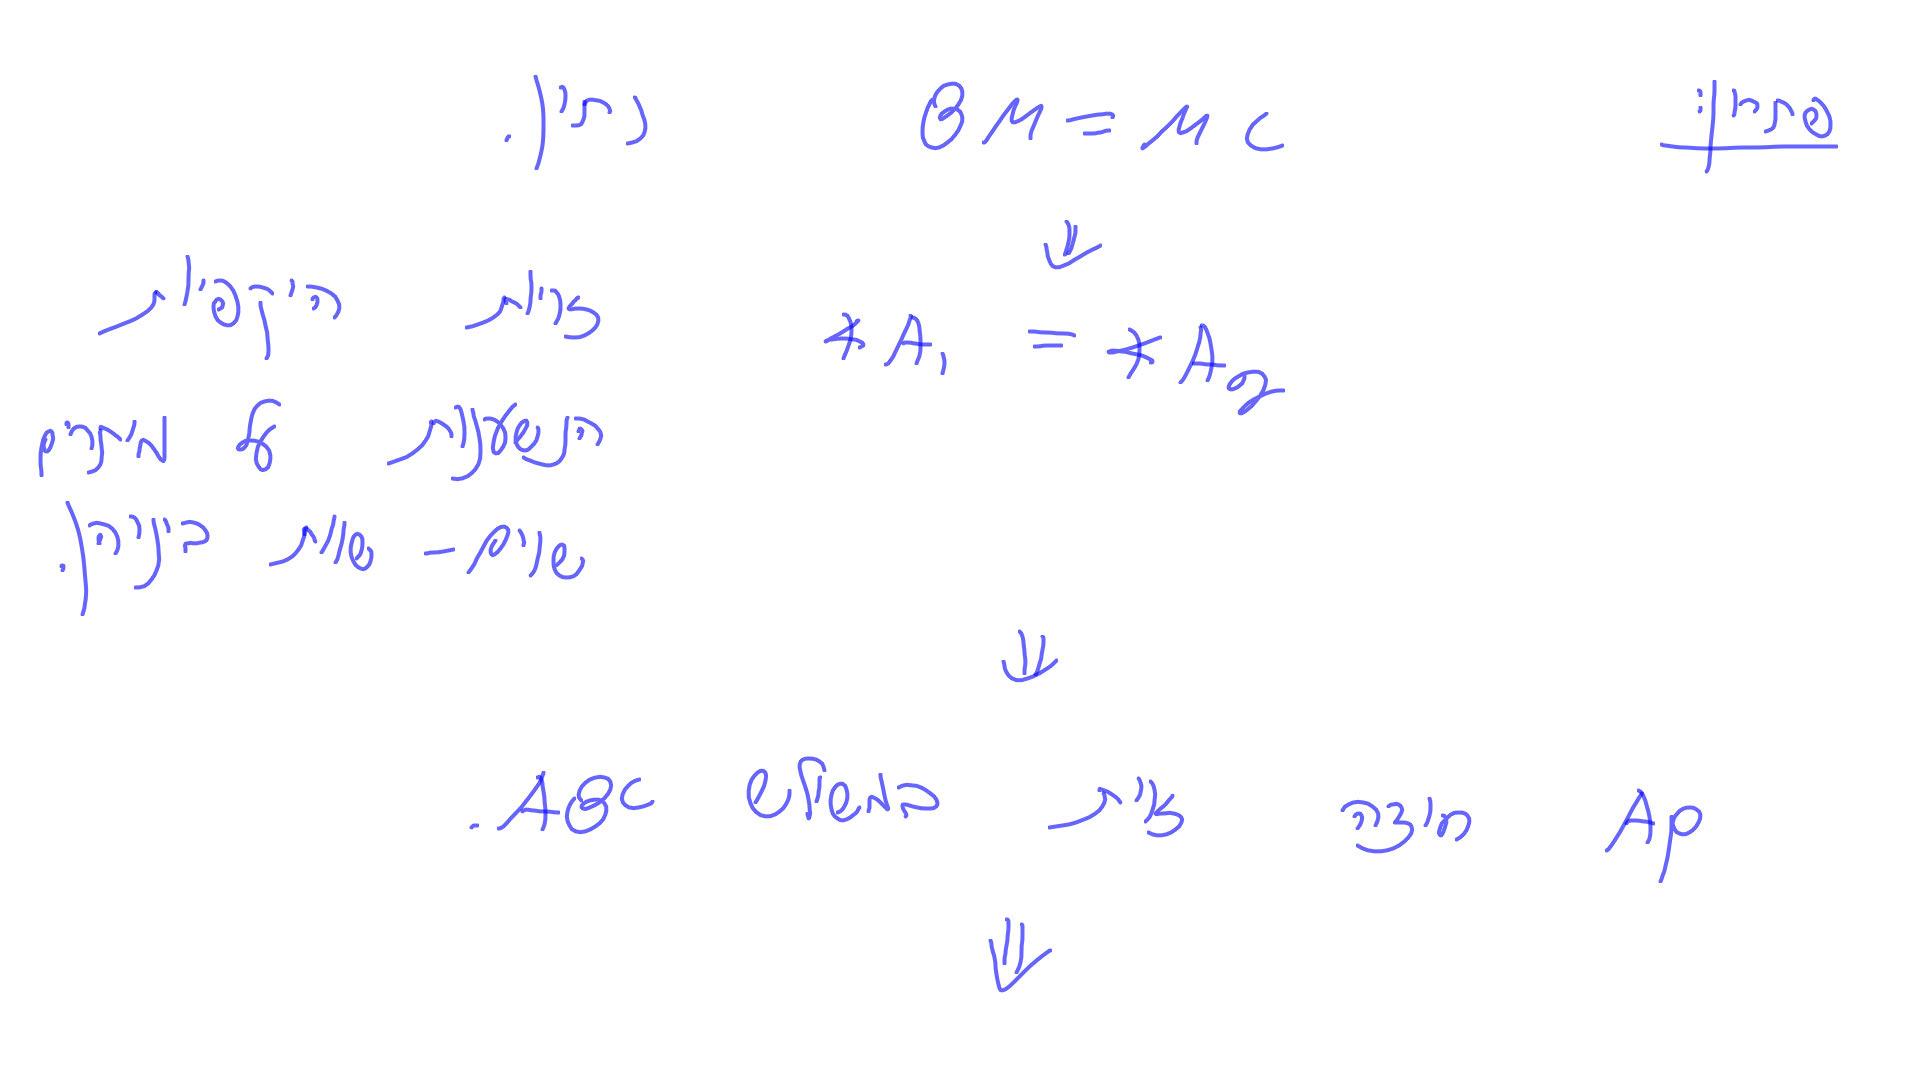 יואל גבע שאלון 481 (804) כרך ג עמוד 333 שאלה 69